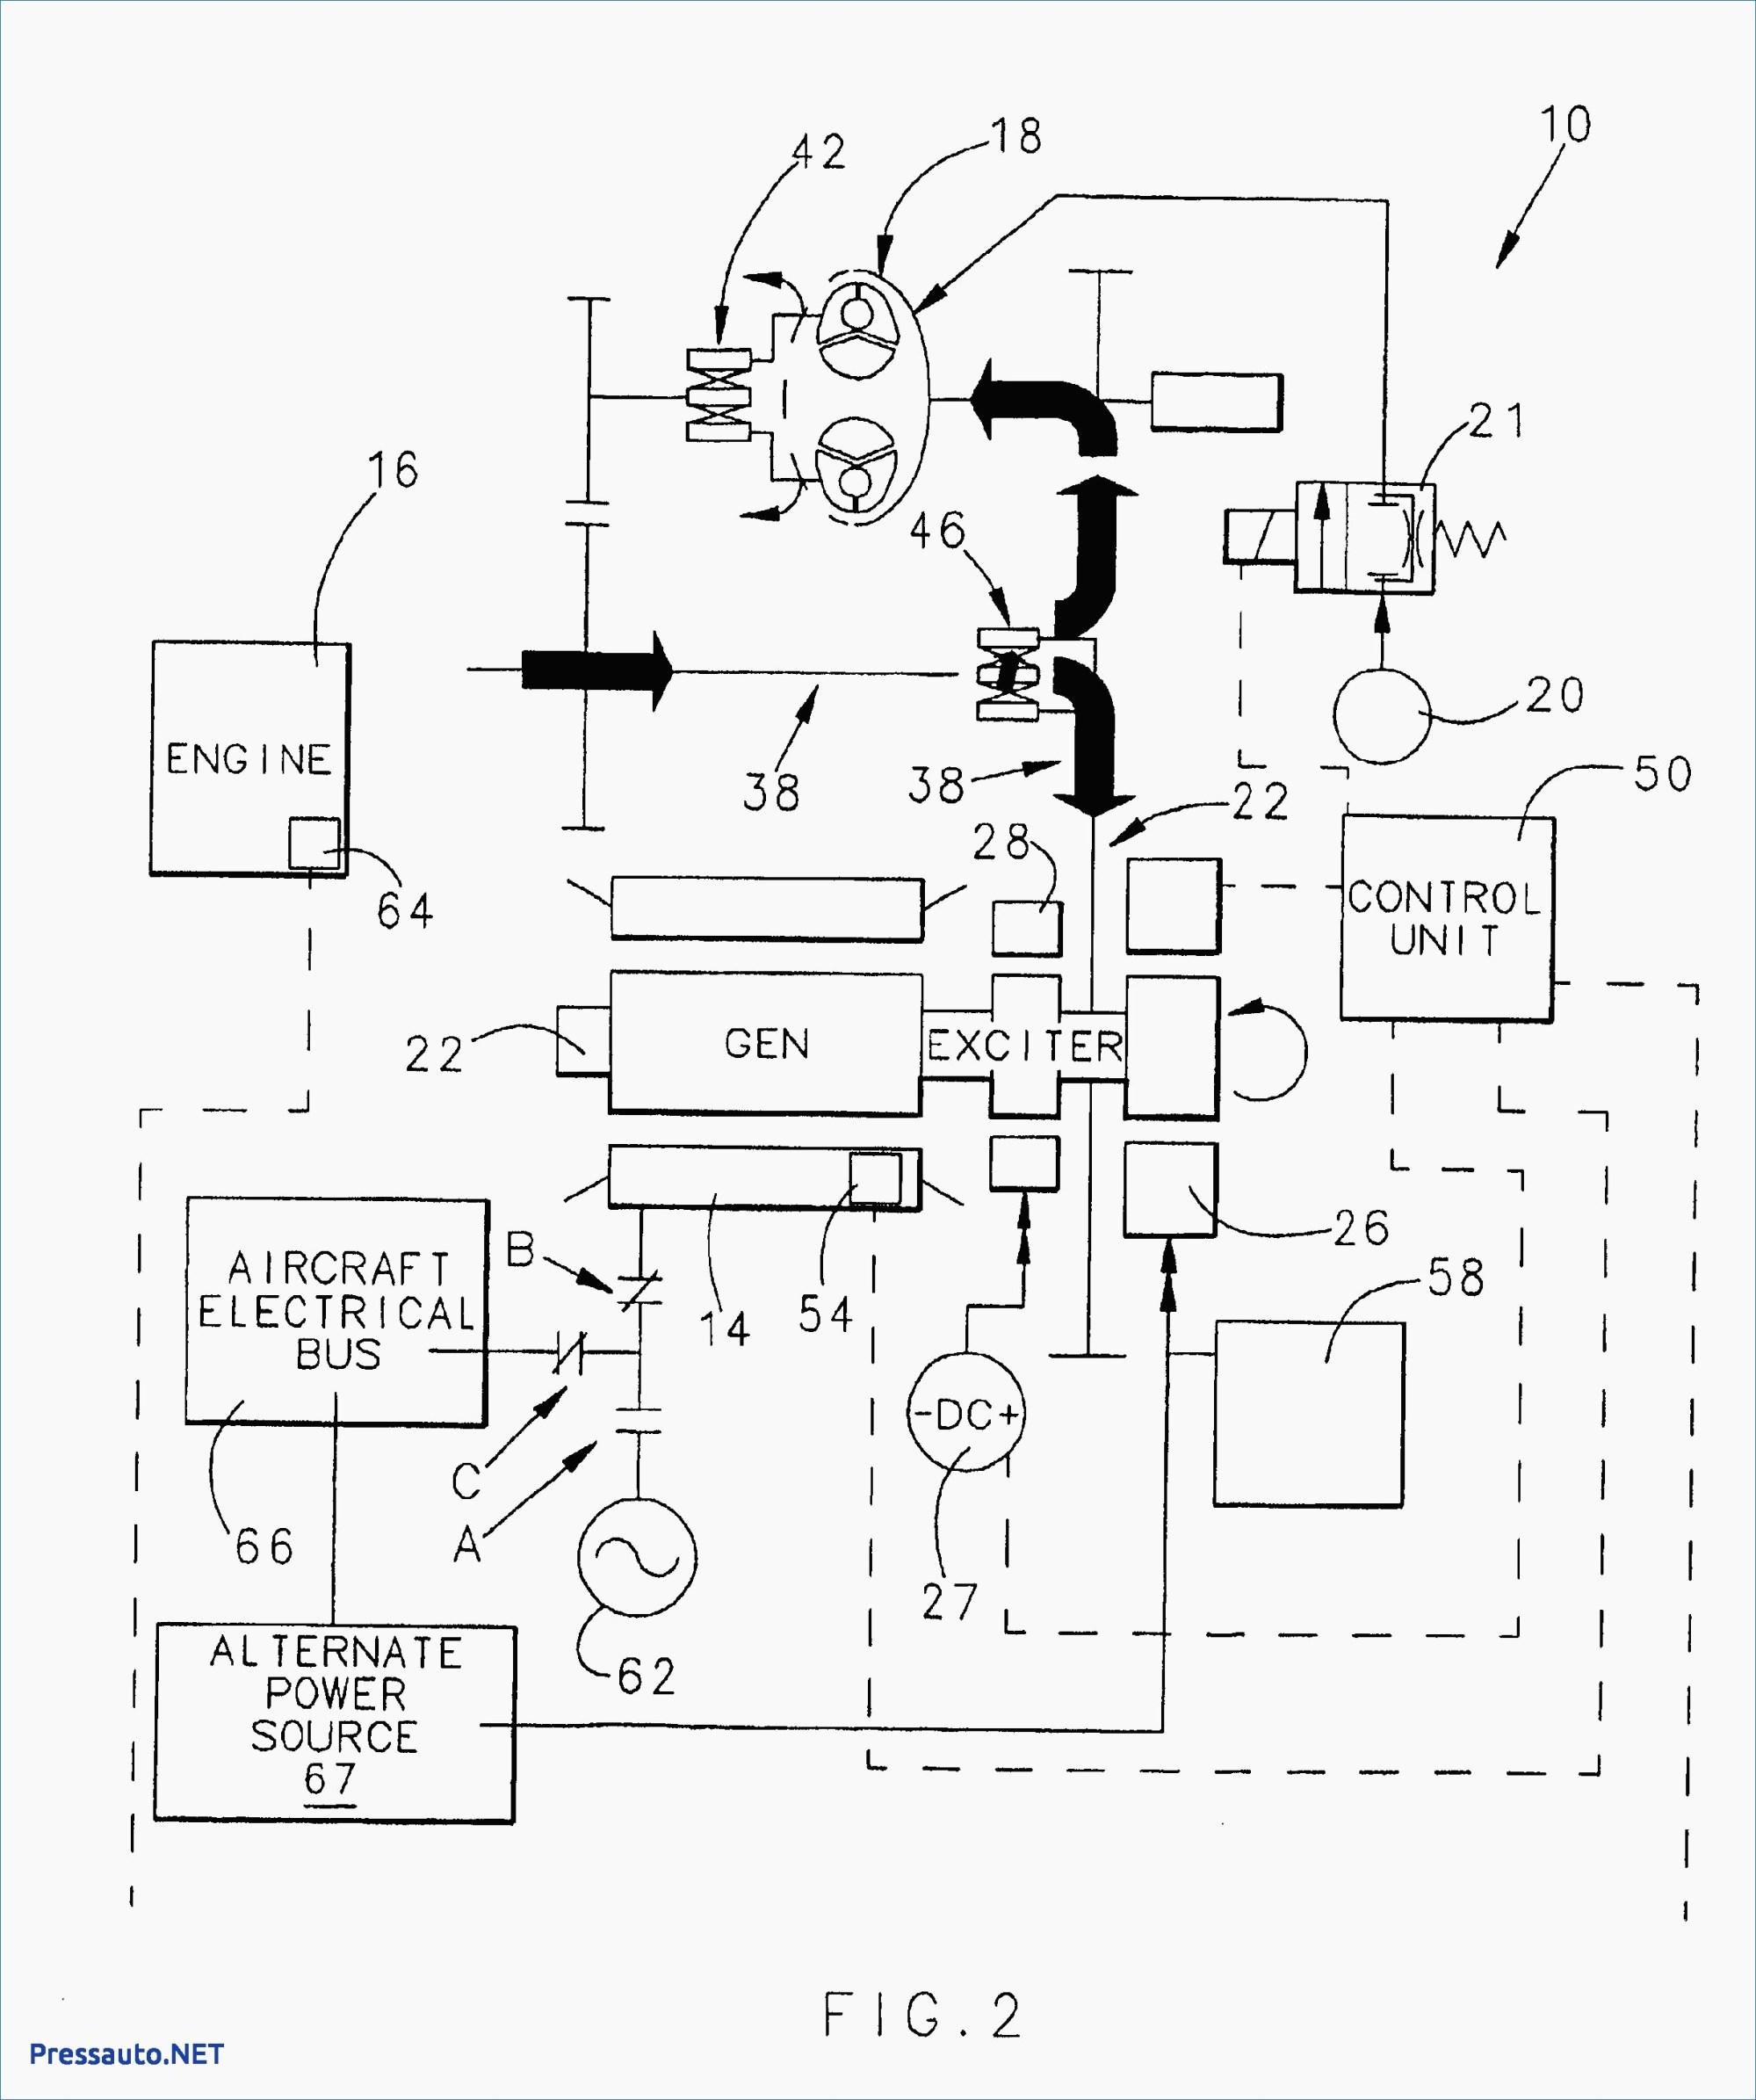 hight resolution of wiring diagram allis chalmers b12 auto electrical wiring diagramallis chalmers wd wiring schematic diagram